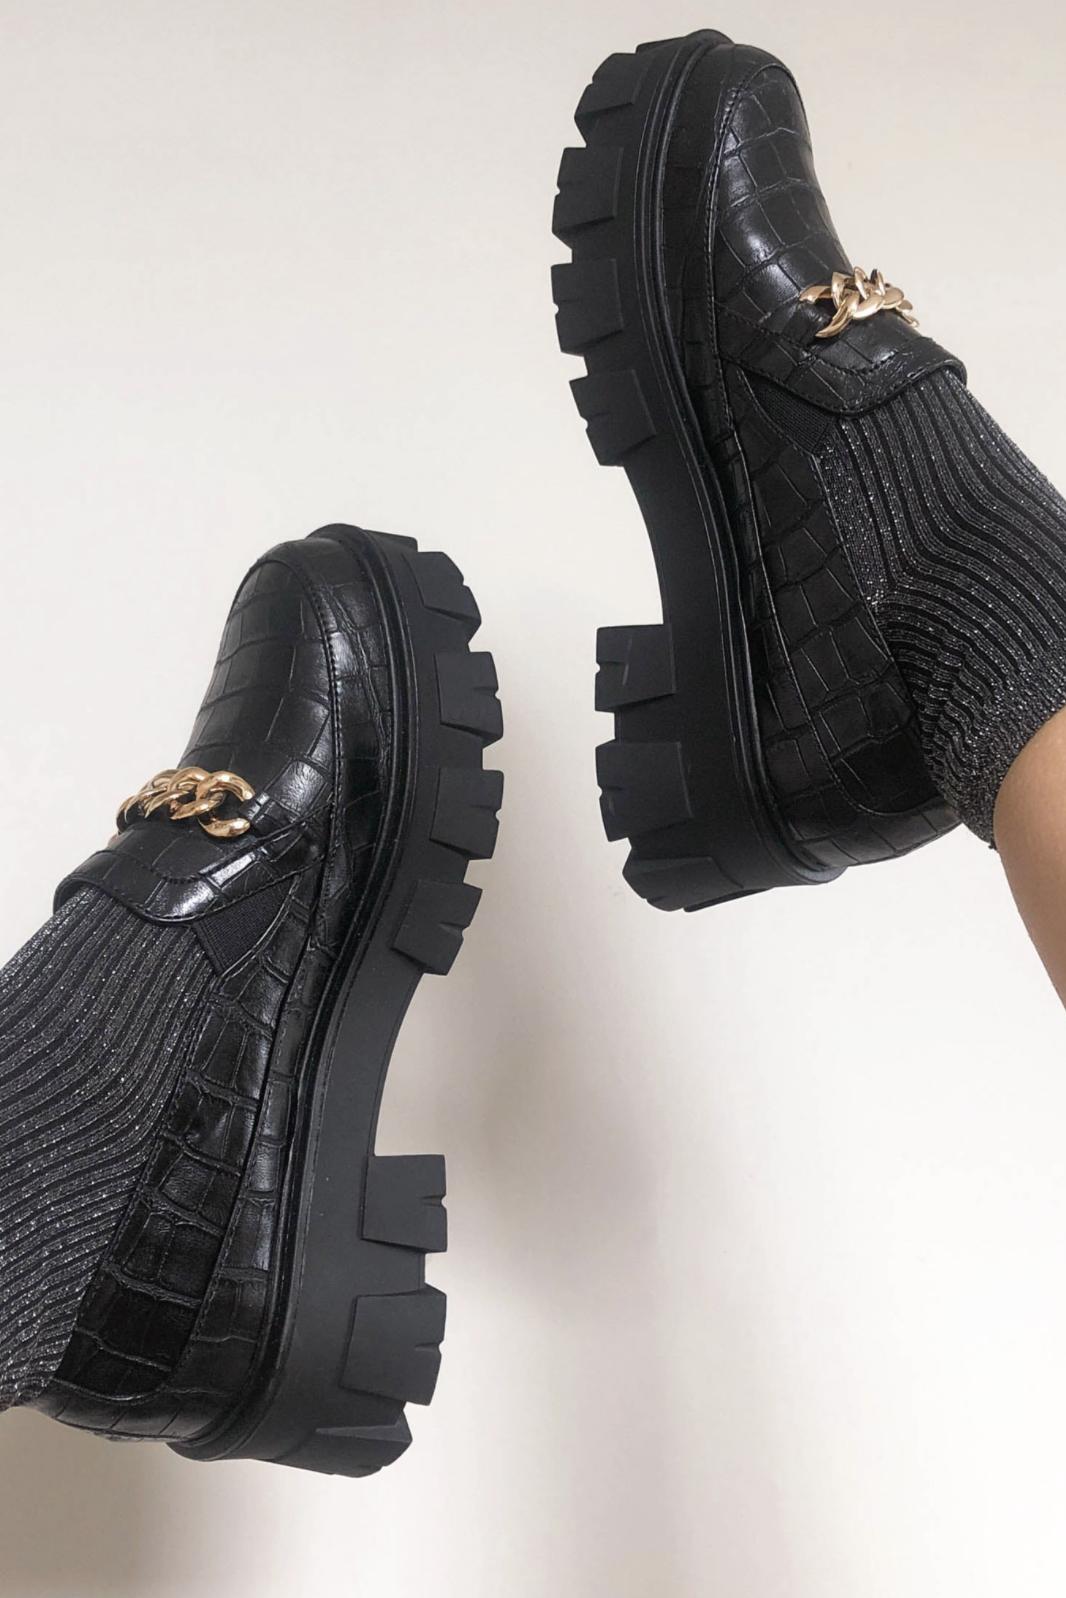 Zapatos planos con suela gruesa de color negro efecto piel de cocodrilo y detalle de cadena dorada Alessio de Raid